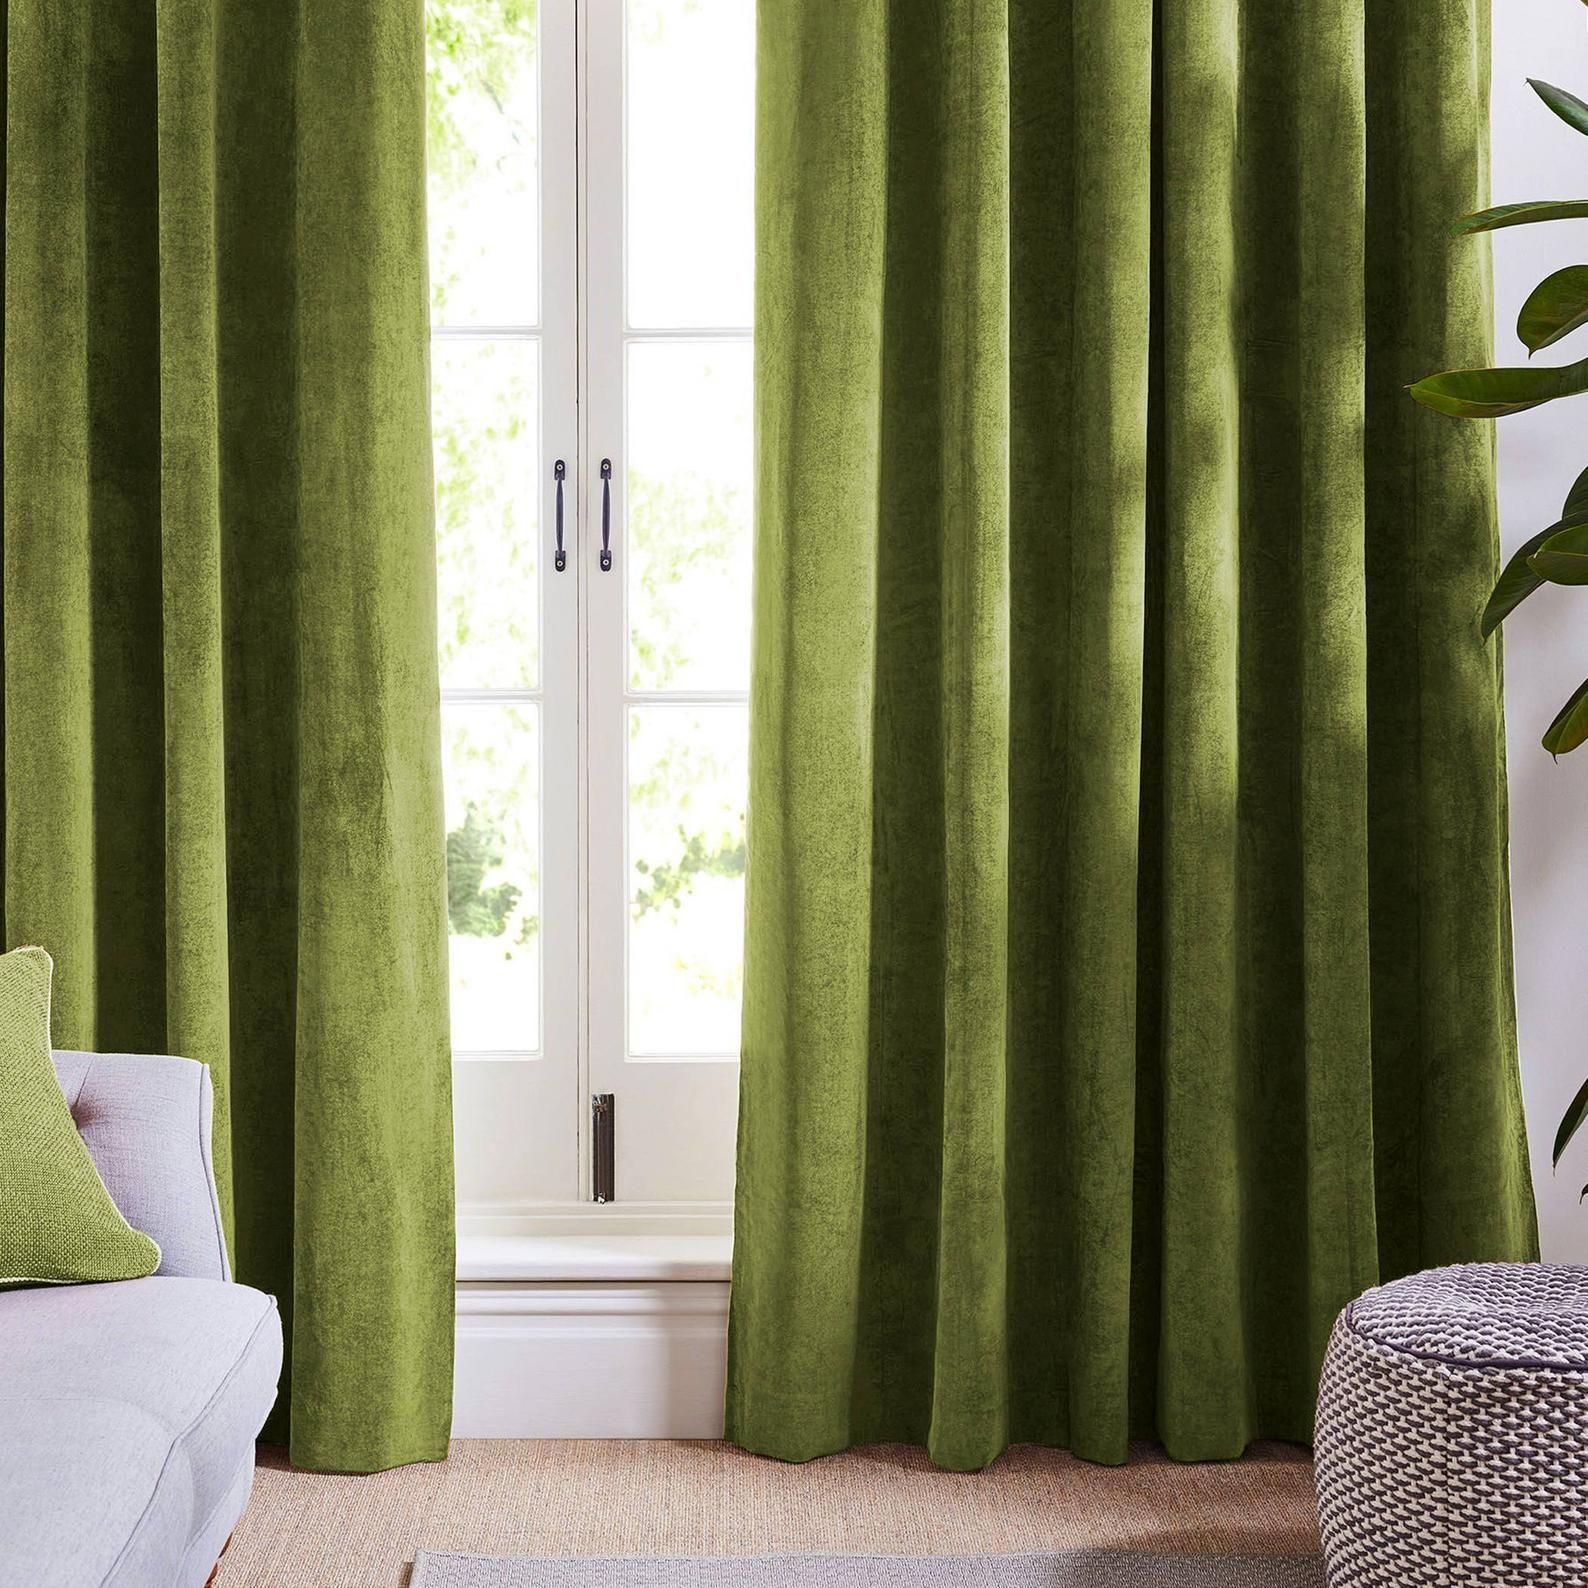 Olive Light Green Curtains Velvet Drapes Custom Drape Home Etsy In 2021 Light Green Curtains Green Curtains Velvet Curtains Green living room curtains